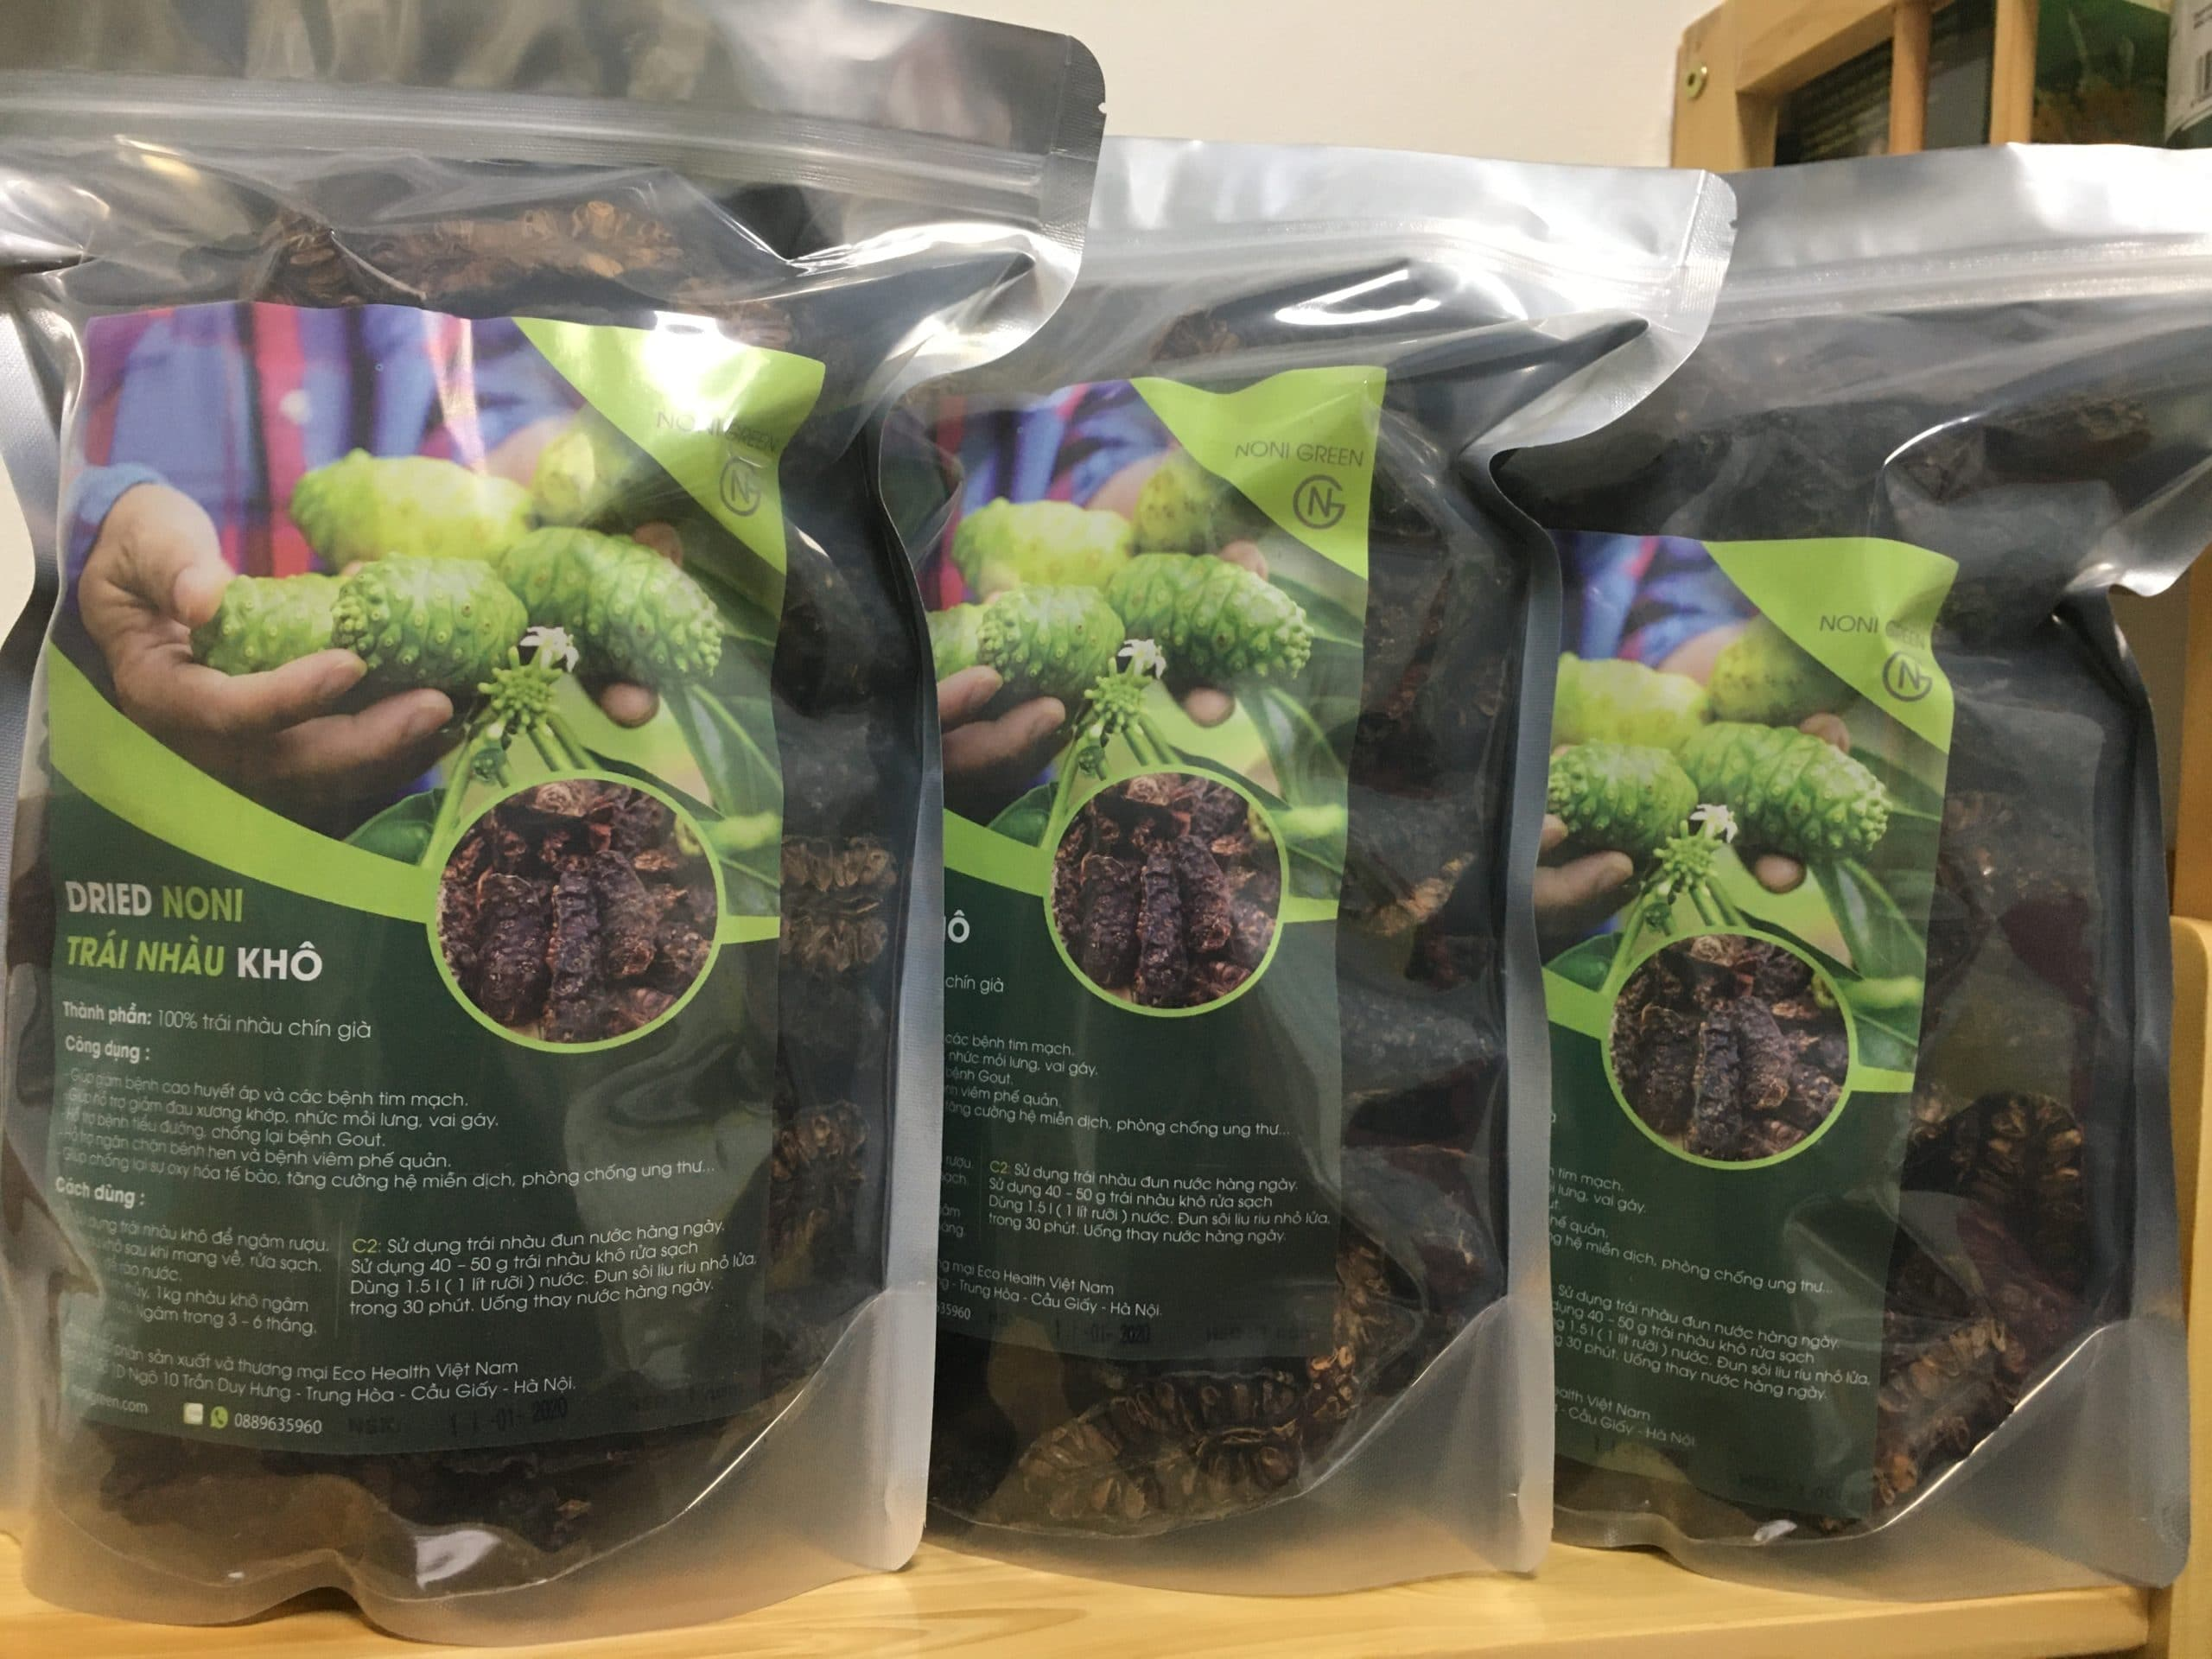 [Mua 5 tặng 2] Combo 5kg trái nhàu/ quả nhàu khô loại chuyên dùng ngâm rượu